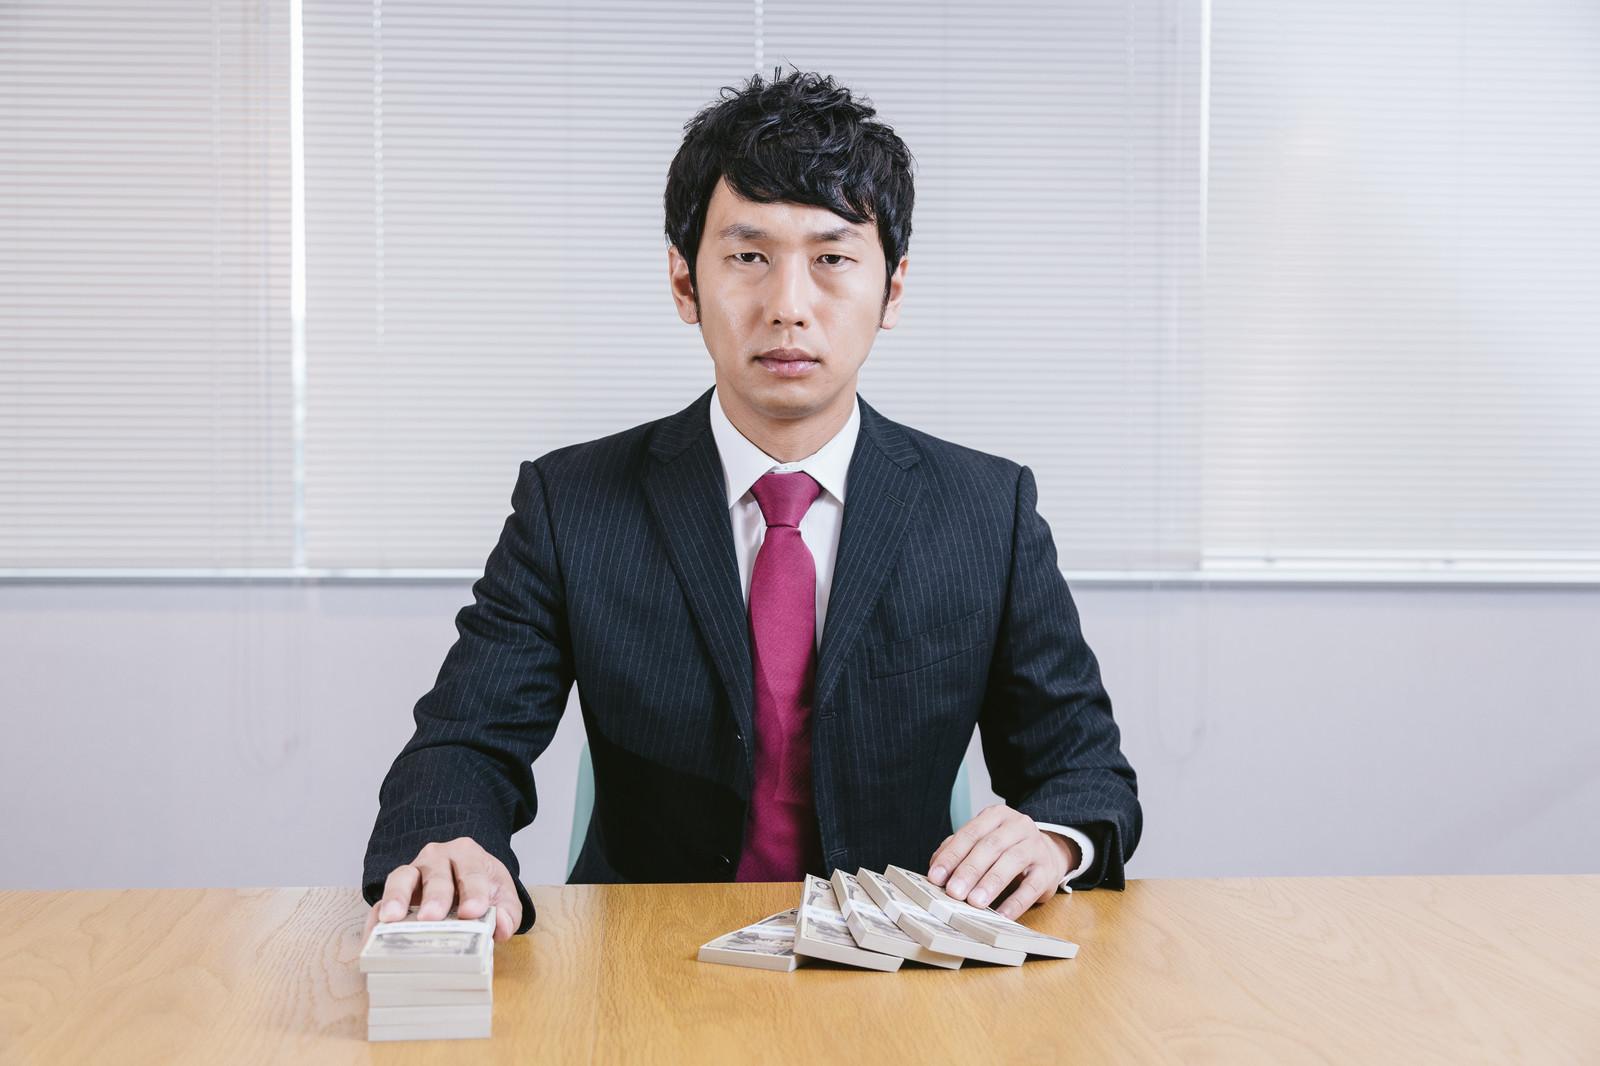 男性_お金3